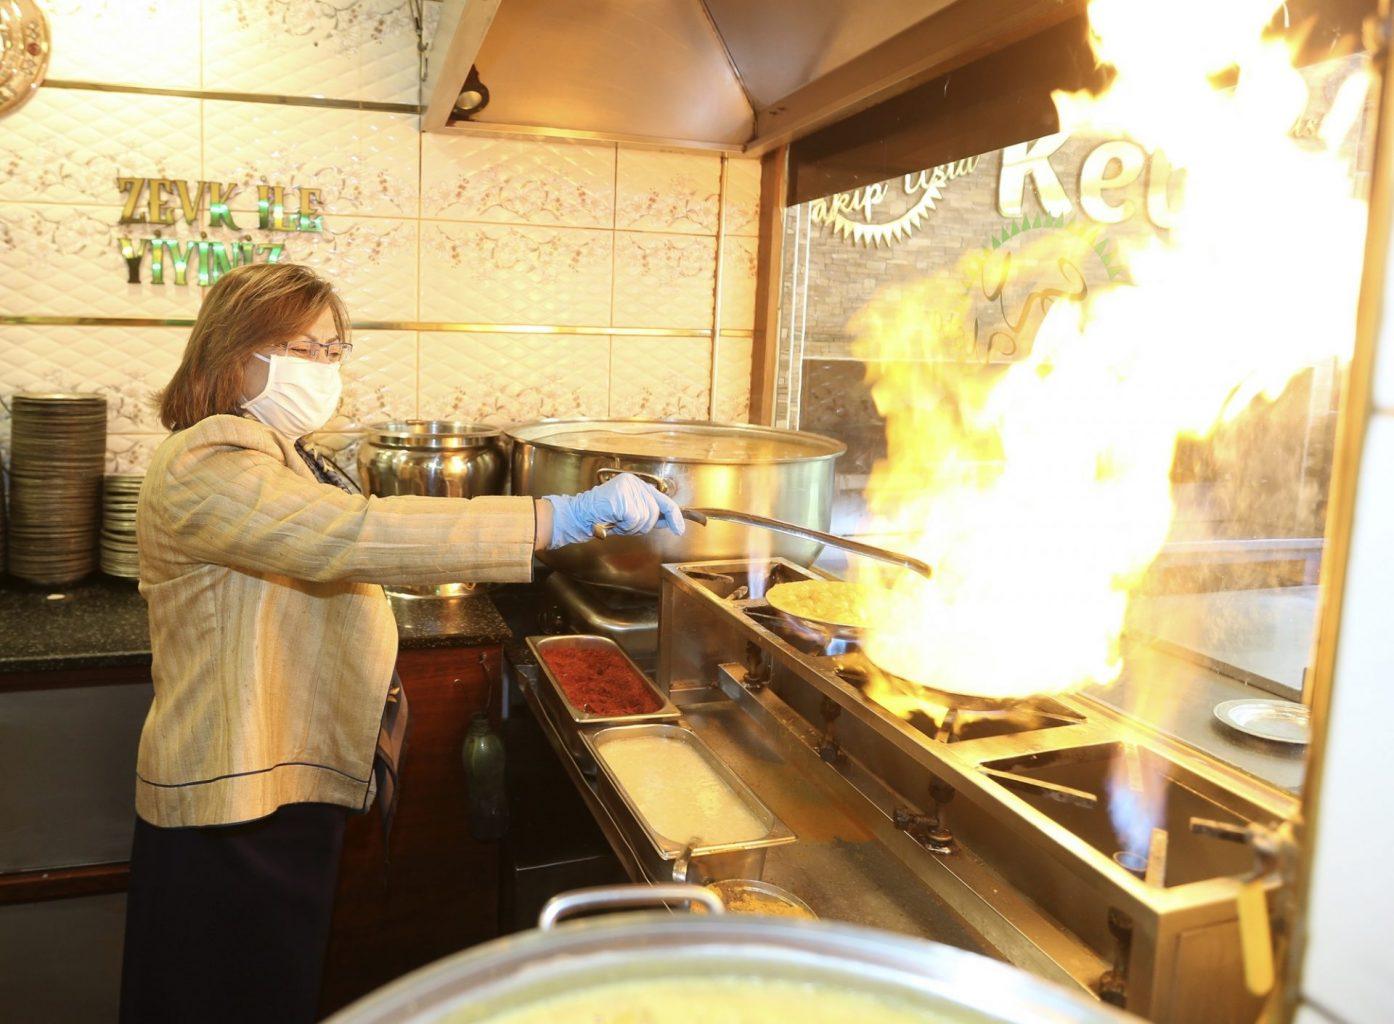 Gazi şehrin restoranları pandemiye karşı 'fıstık gibi' hazırlanıyor 2